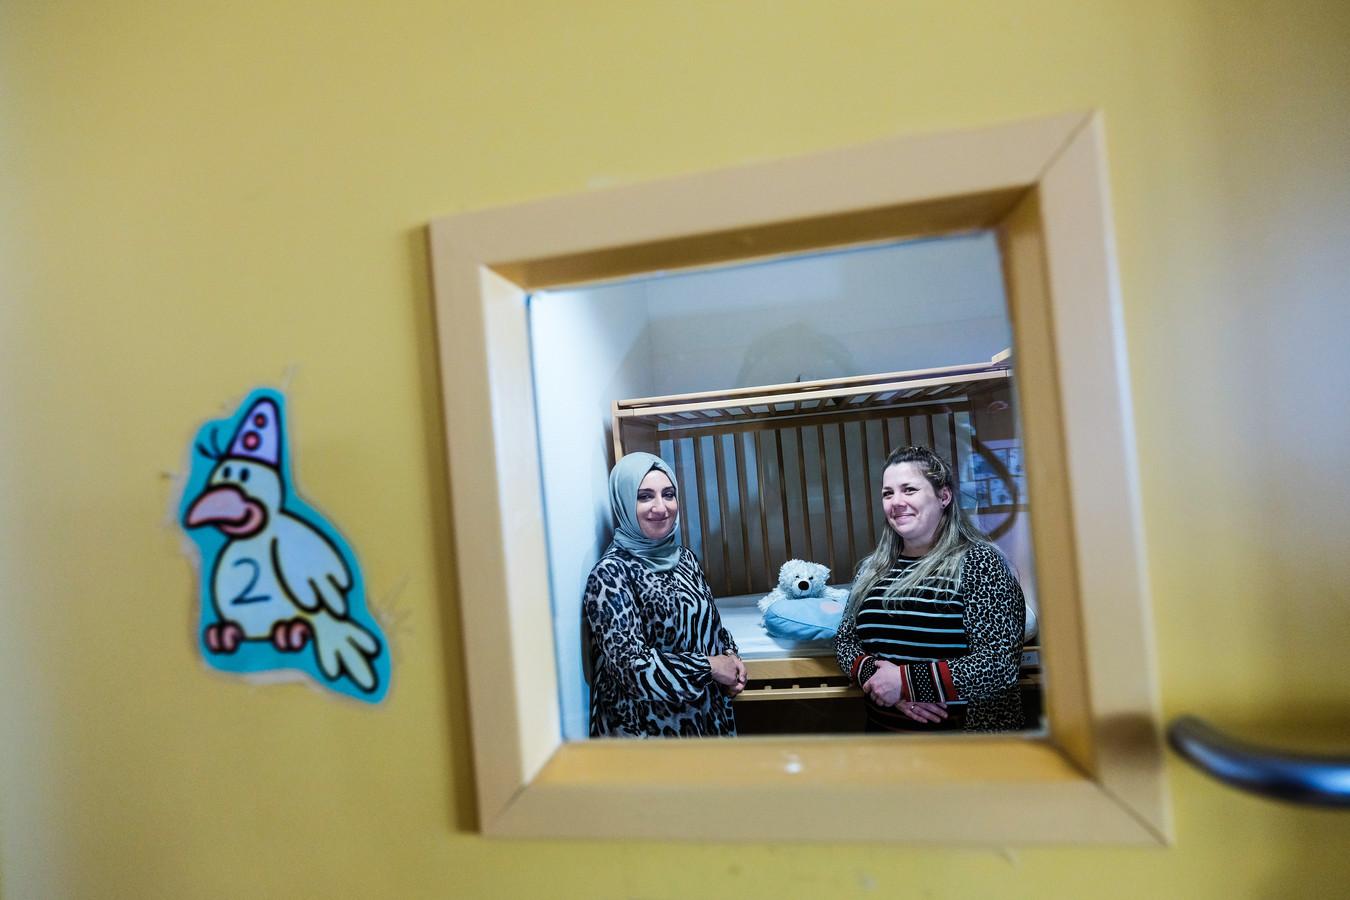 Kinderdagopvang Bloementtuin bij het Slingeland, Selma (links) en Annemarie gaan kinderen van verplegend personeel 24/7 opvangen, beide in een van de slaapkamertjes.